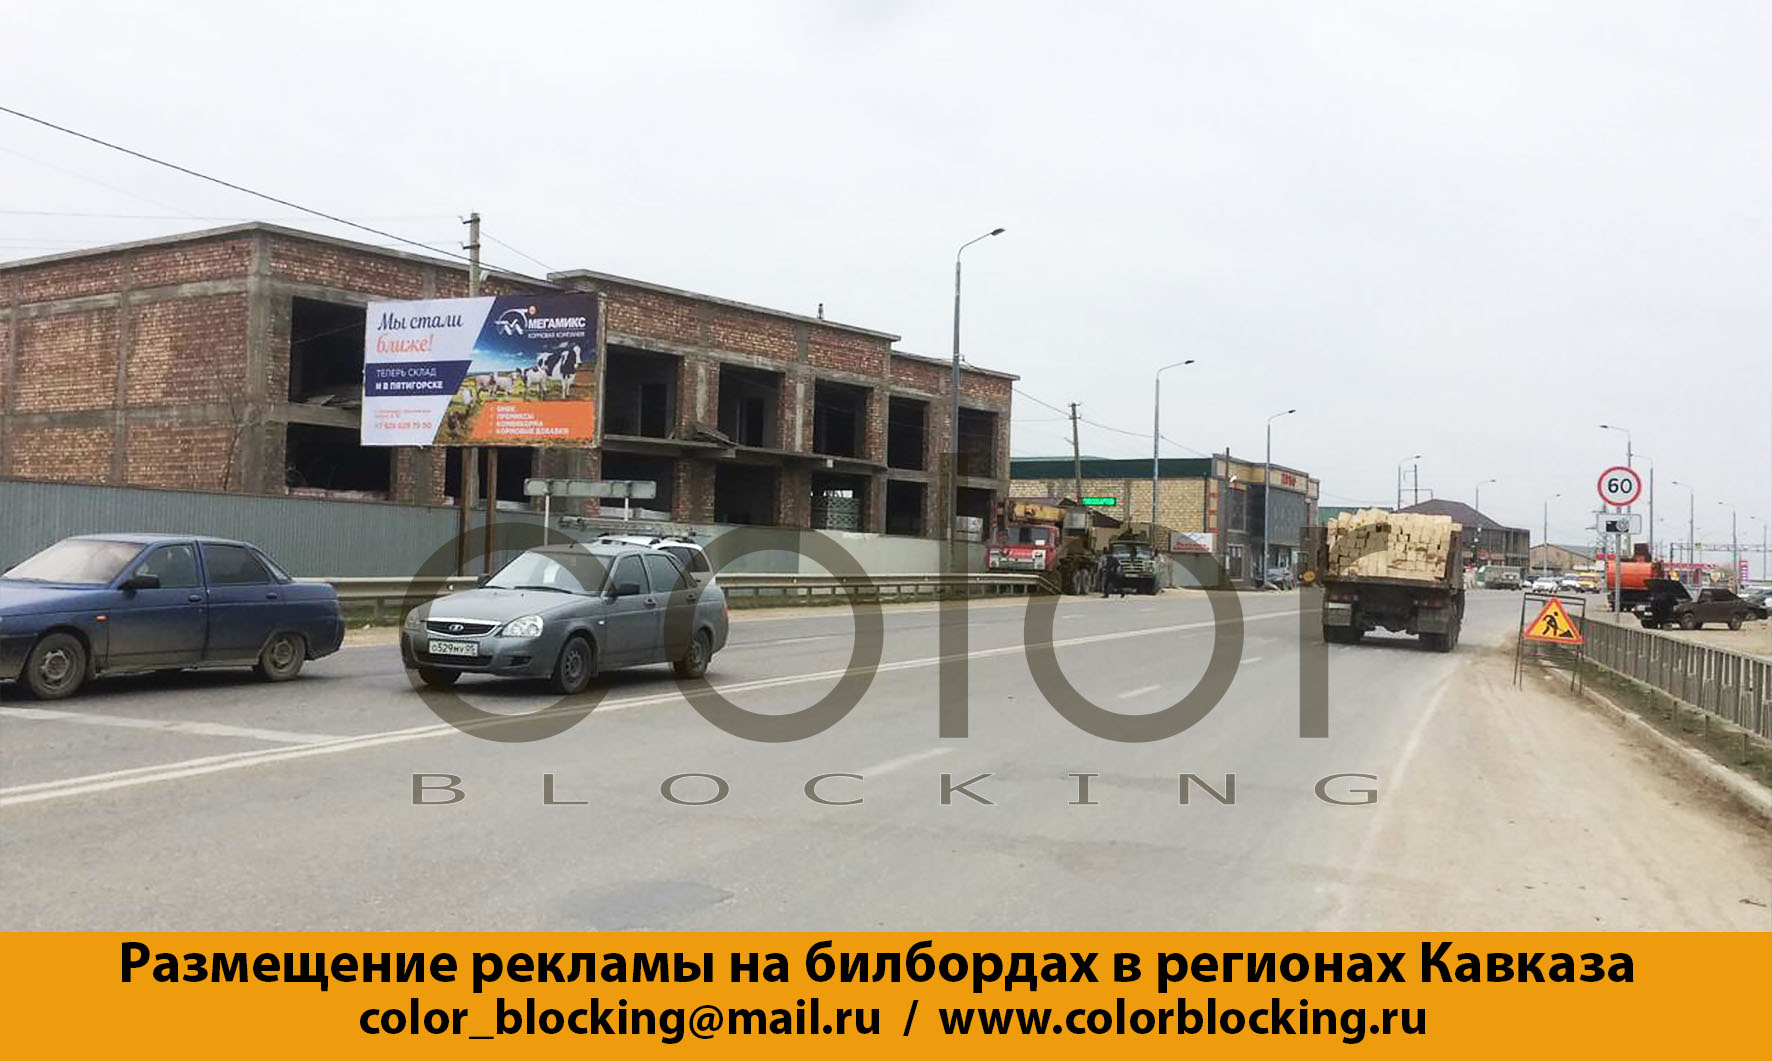 Реклама на билбордах на Кавказе Дербент